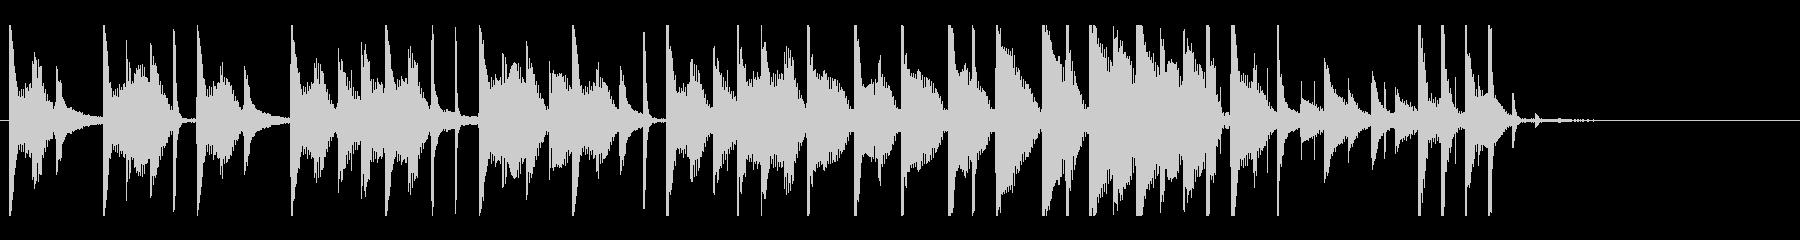 ドラムが印象的なジングルですの未再生の波形